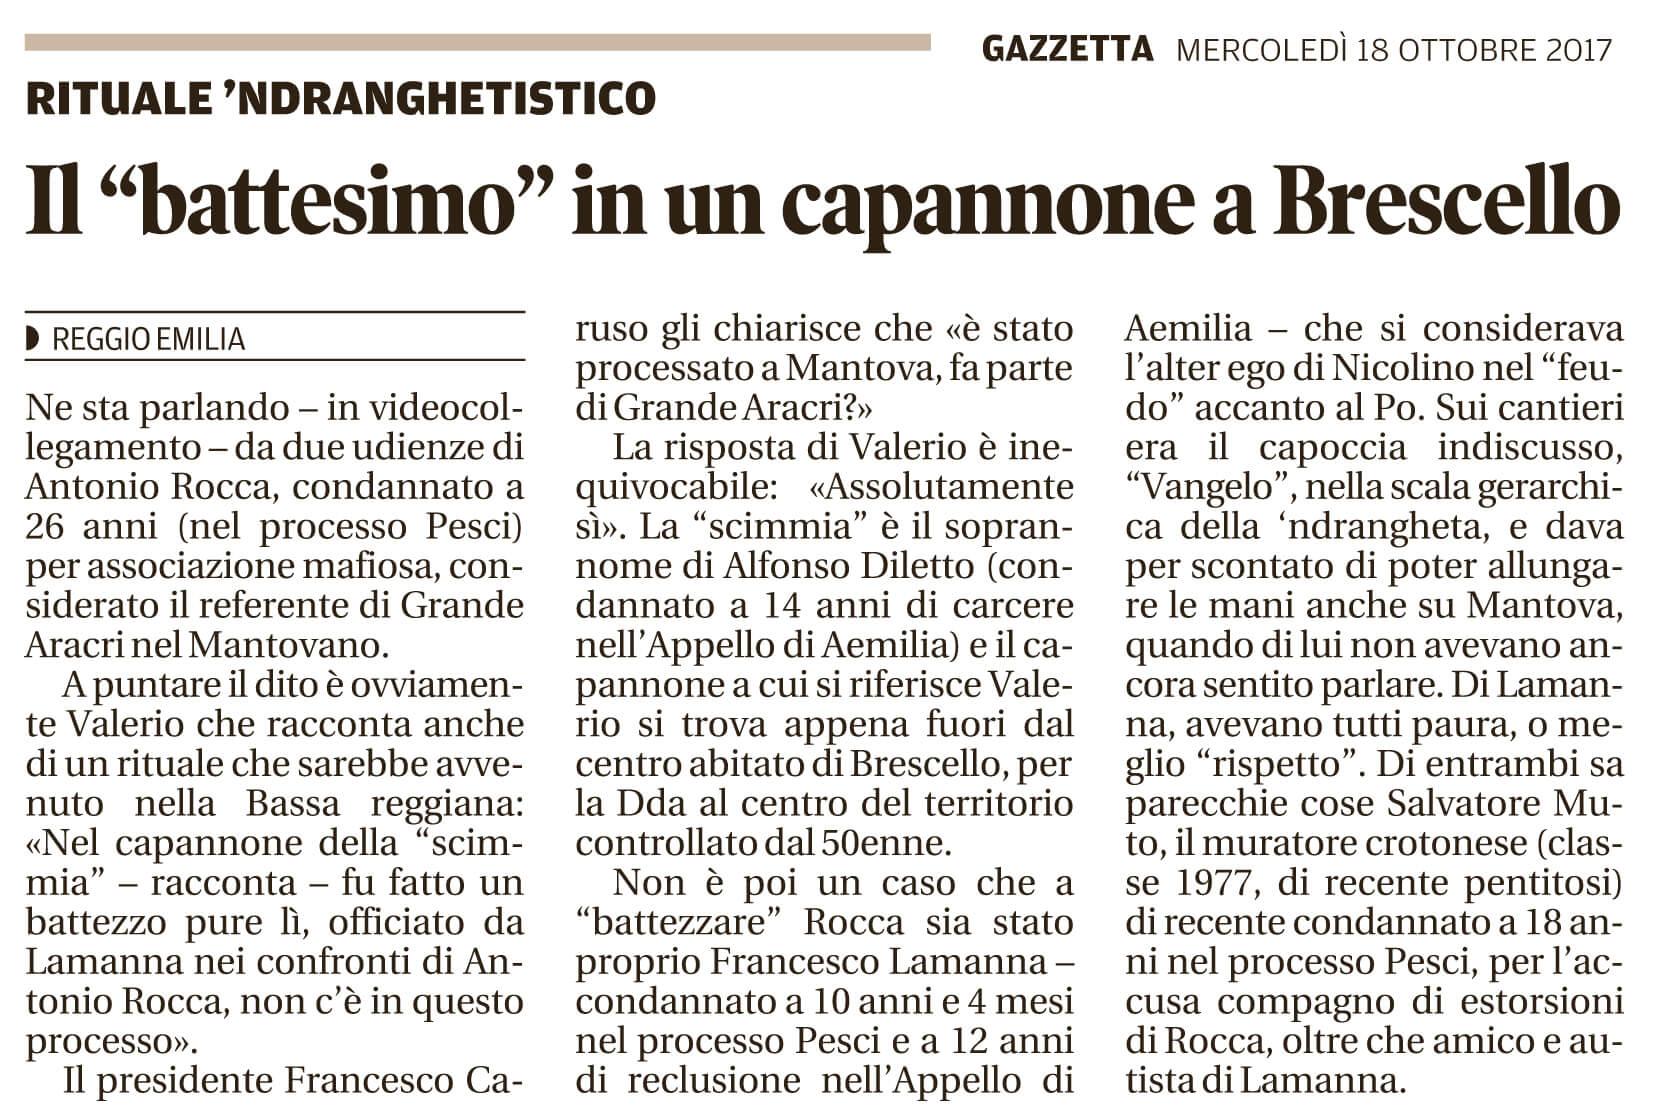 """Il """"battesimo"""" a Brescello"""